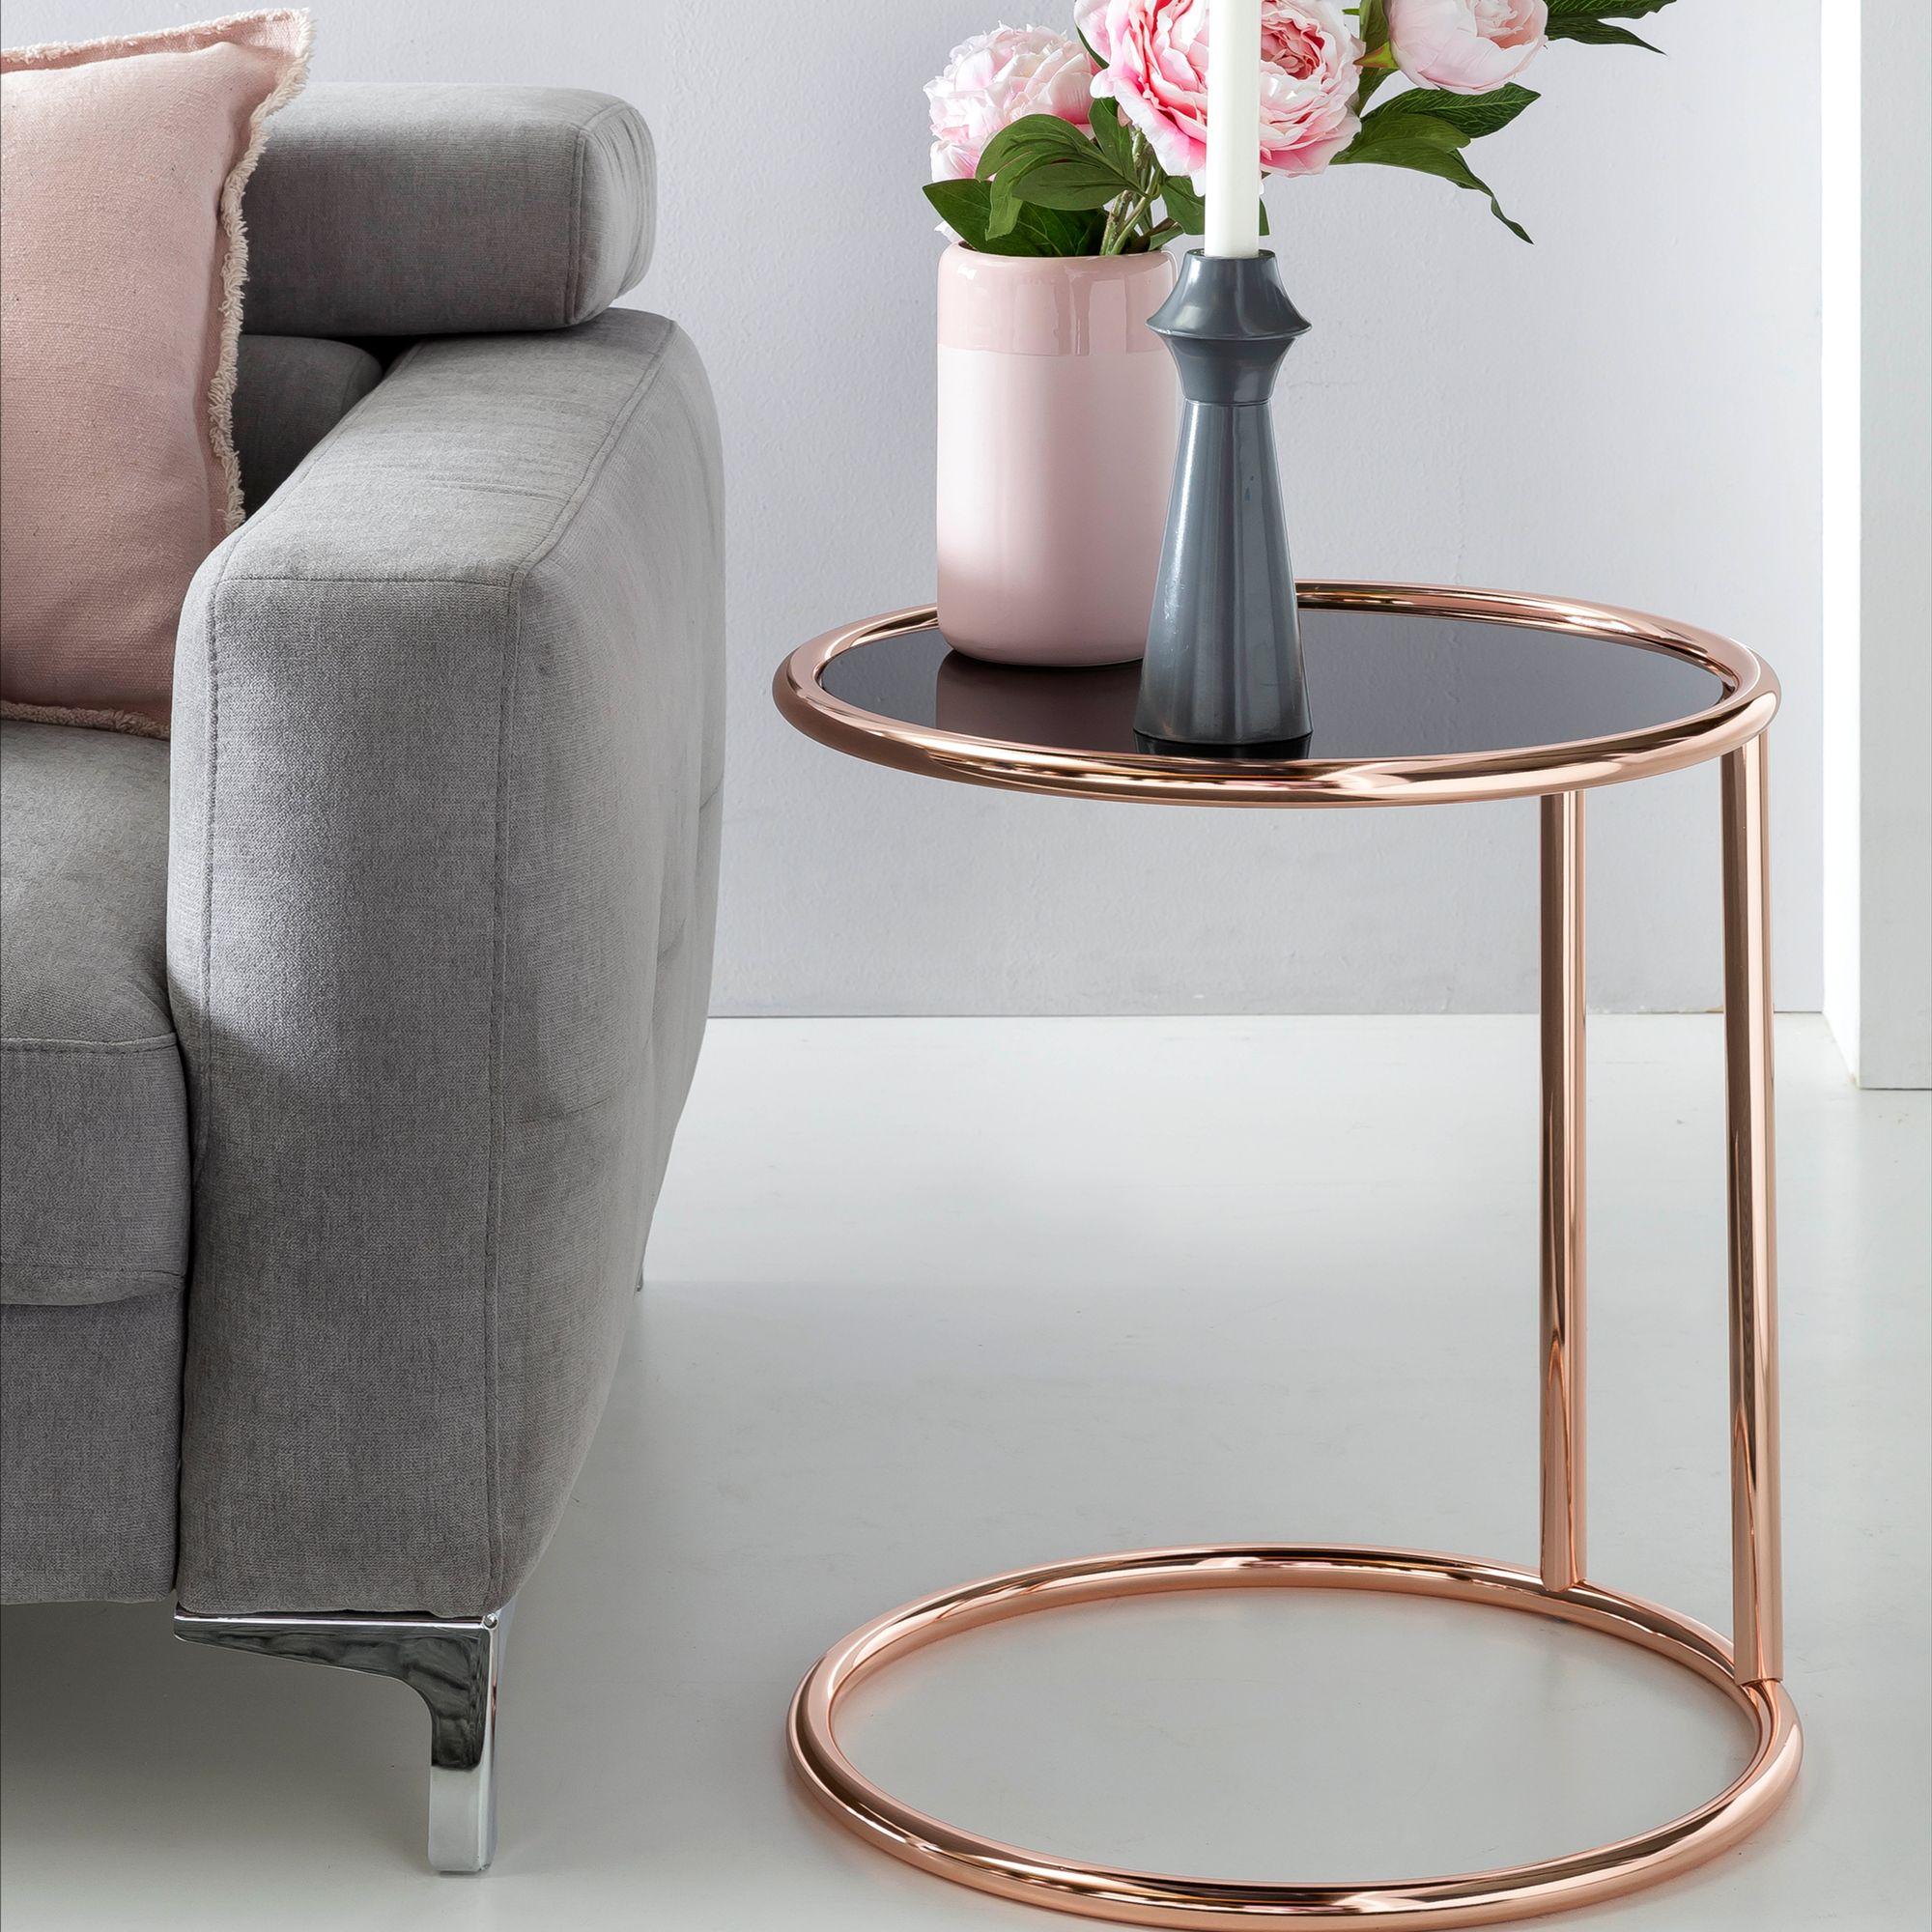 FineBuy Design Couchtisch ø 16 cm Rund Glas  Lounge Beistelltisch  verspiegelt  Moderner Wohnzimmertisch  Glastisch Sofatisch Tisch für  Wohnzimmer